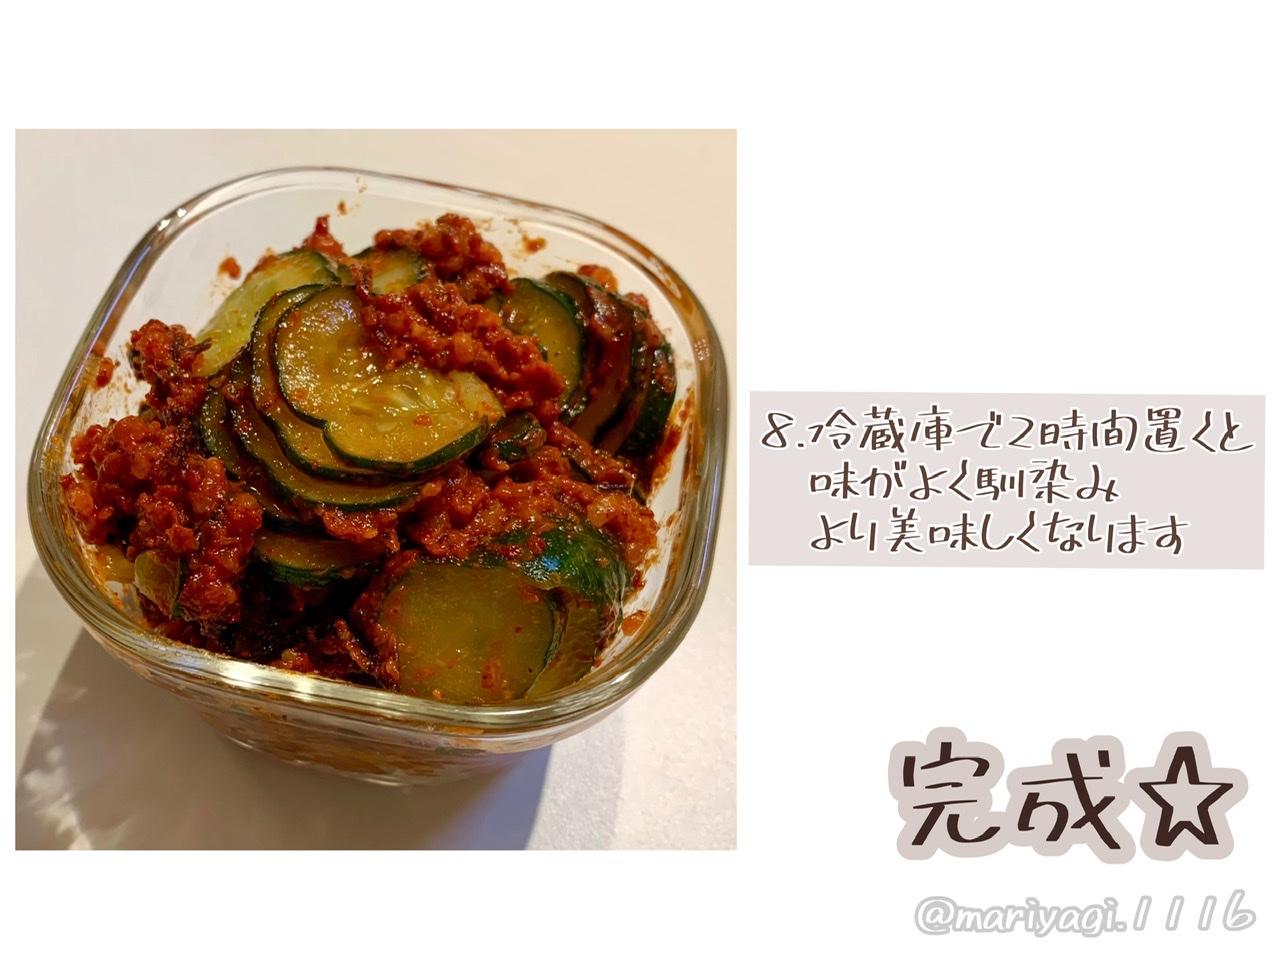 【レシピ:自家製キムチ】手間をかけることで得られる美味しい♪は格別!?_4